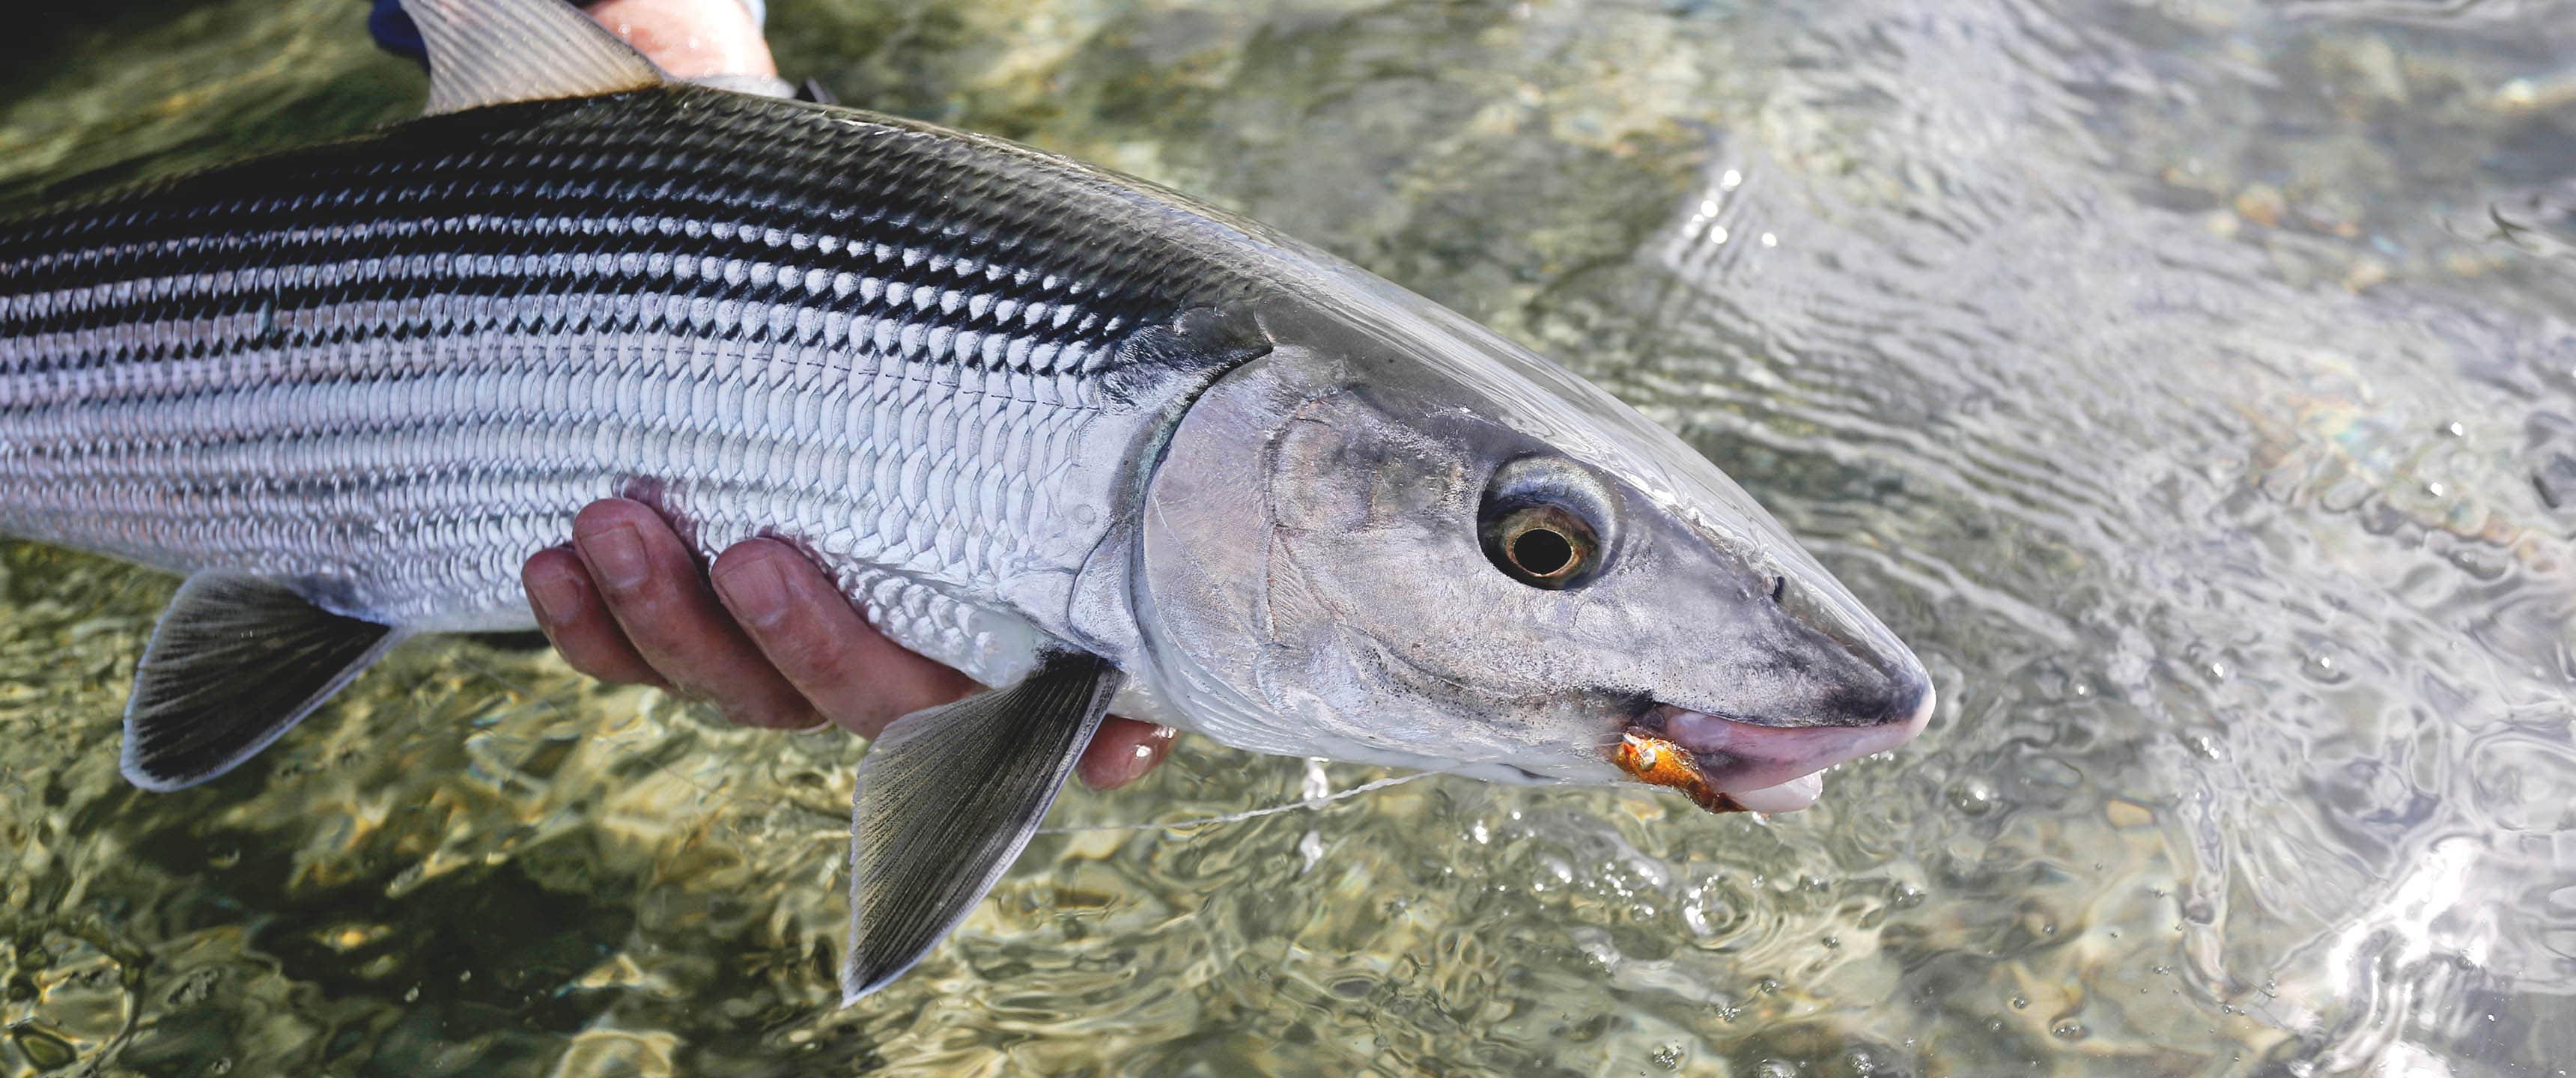 Hawaii fly fishing bonefish hawaii for Bonefish fly fishing